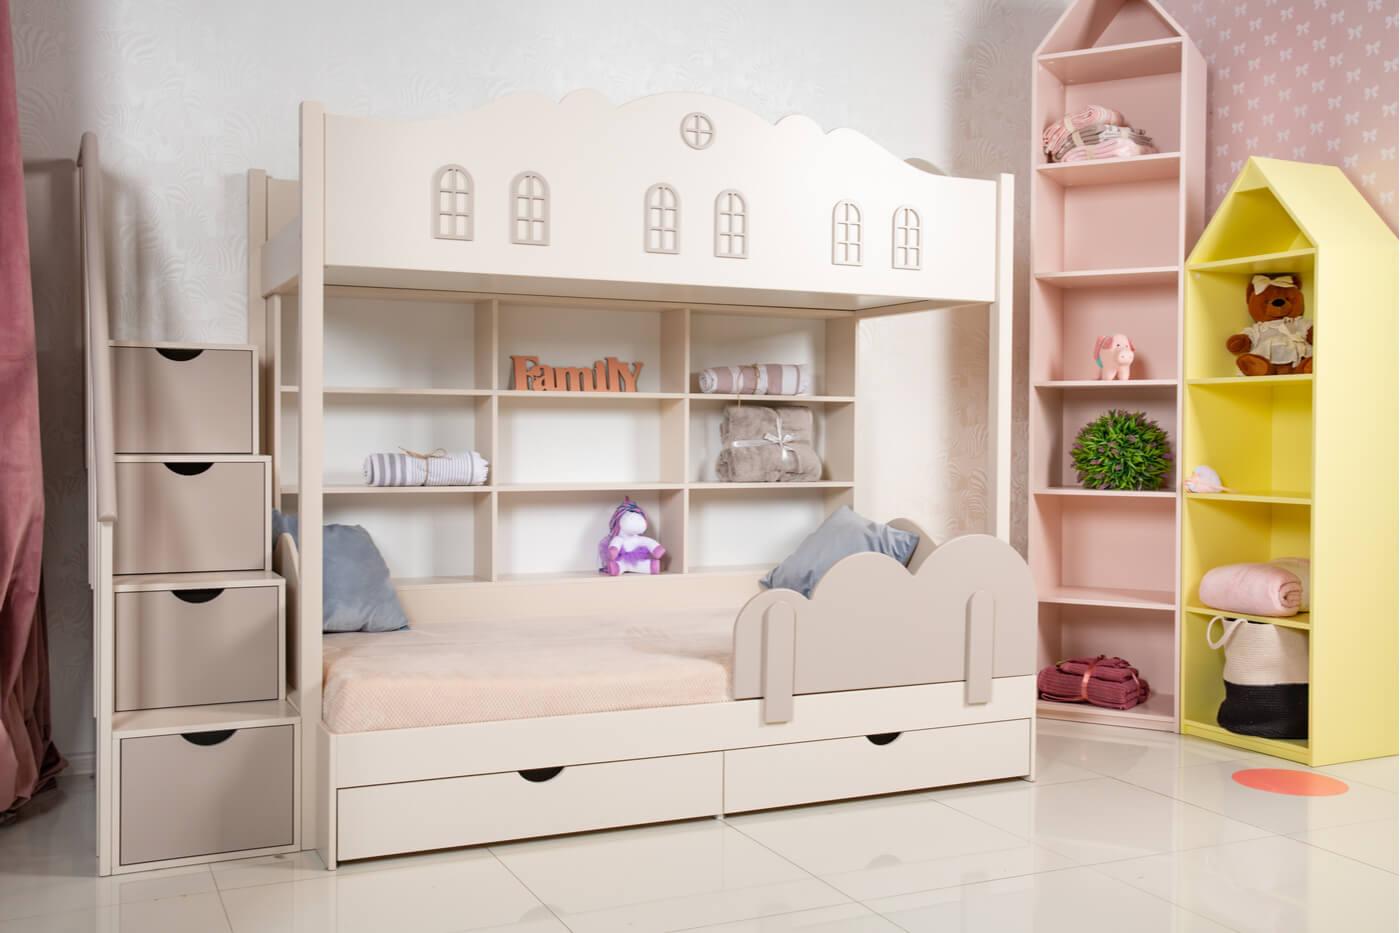 Cómo poner dos camas en una habitación pequeña